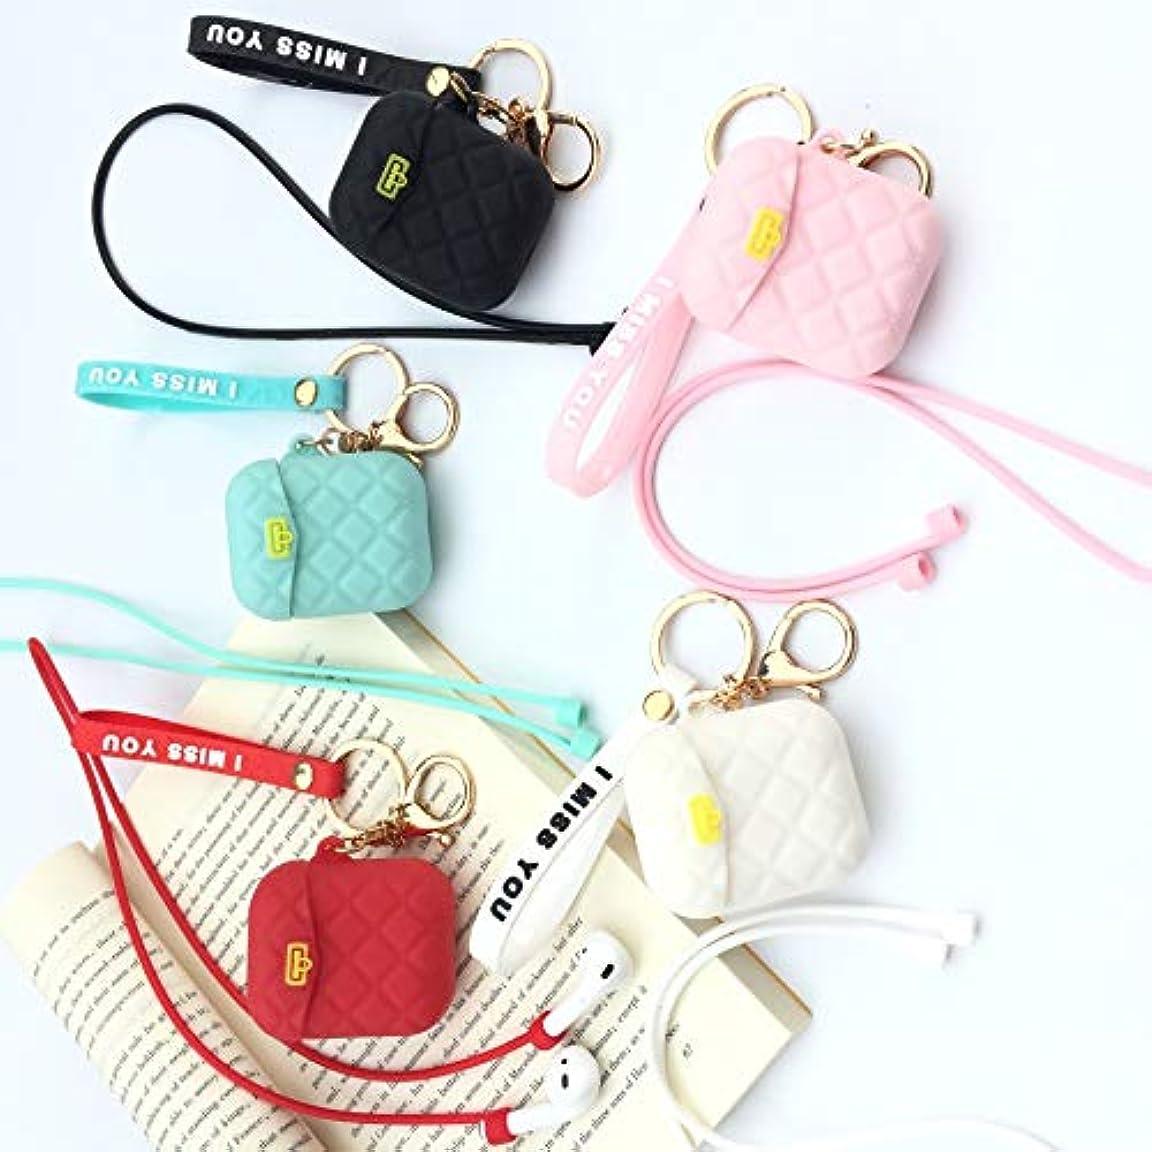 飾る悔い改め倒産GUANG-HOME 該当する日本と韓国の小さな香り菱形のバッグAirpods 1/2保護カバーアップルヘッドセットセット収納ボックス女性 (Color : Black)